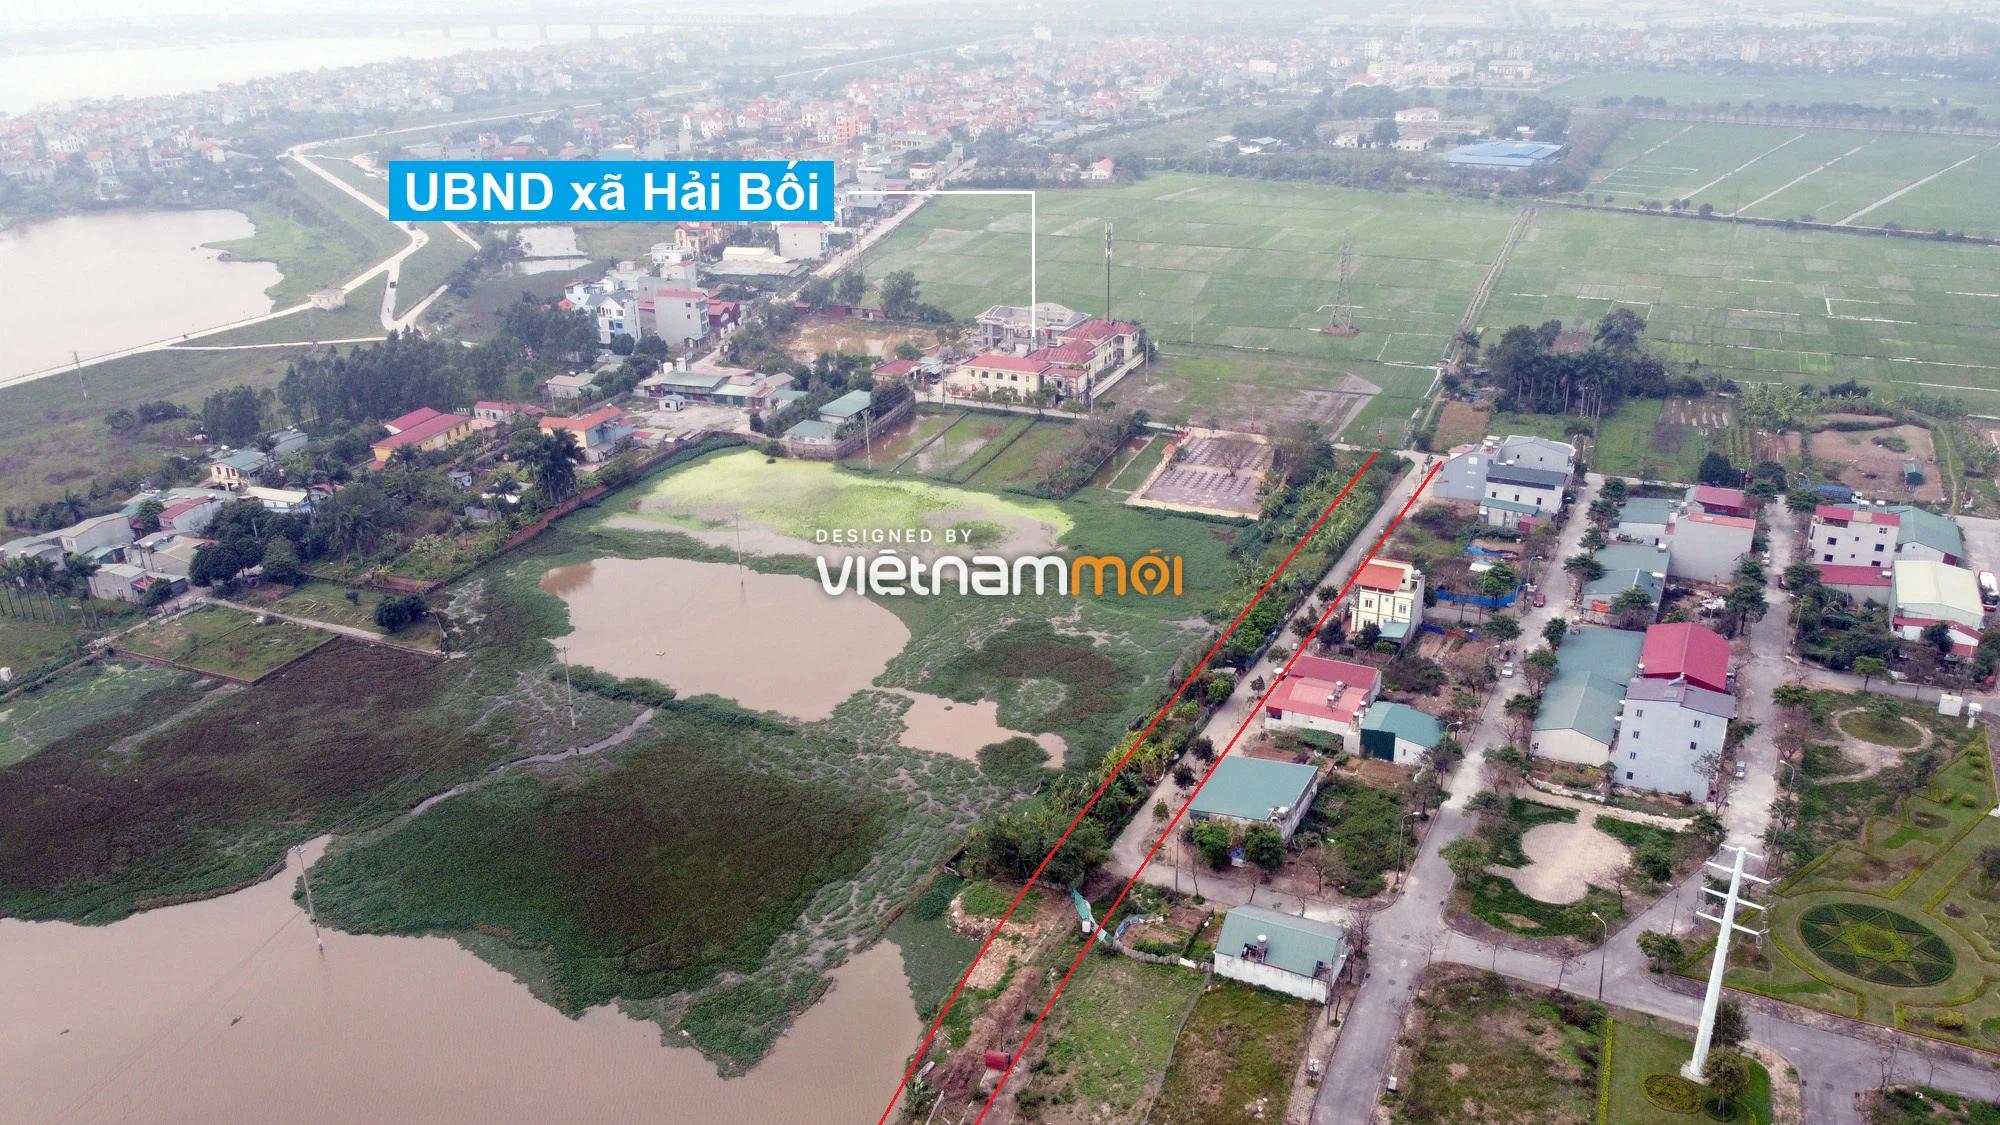 Đường sẽ mở theo quy hoạch ở xã Hải Bối, Đông Anh, Hà Nội (phần 5) - Ảnh 2.